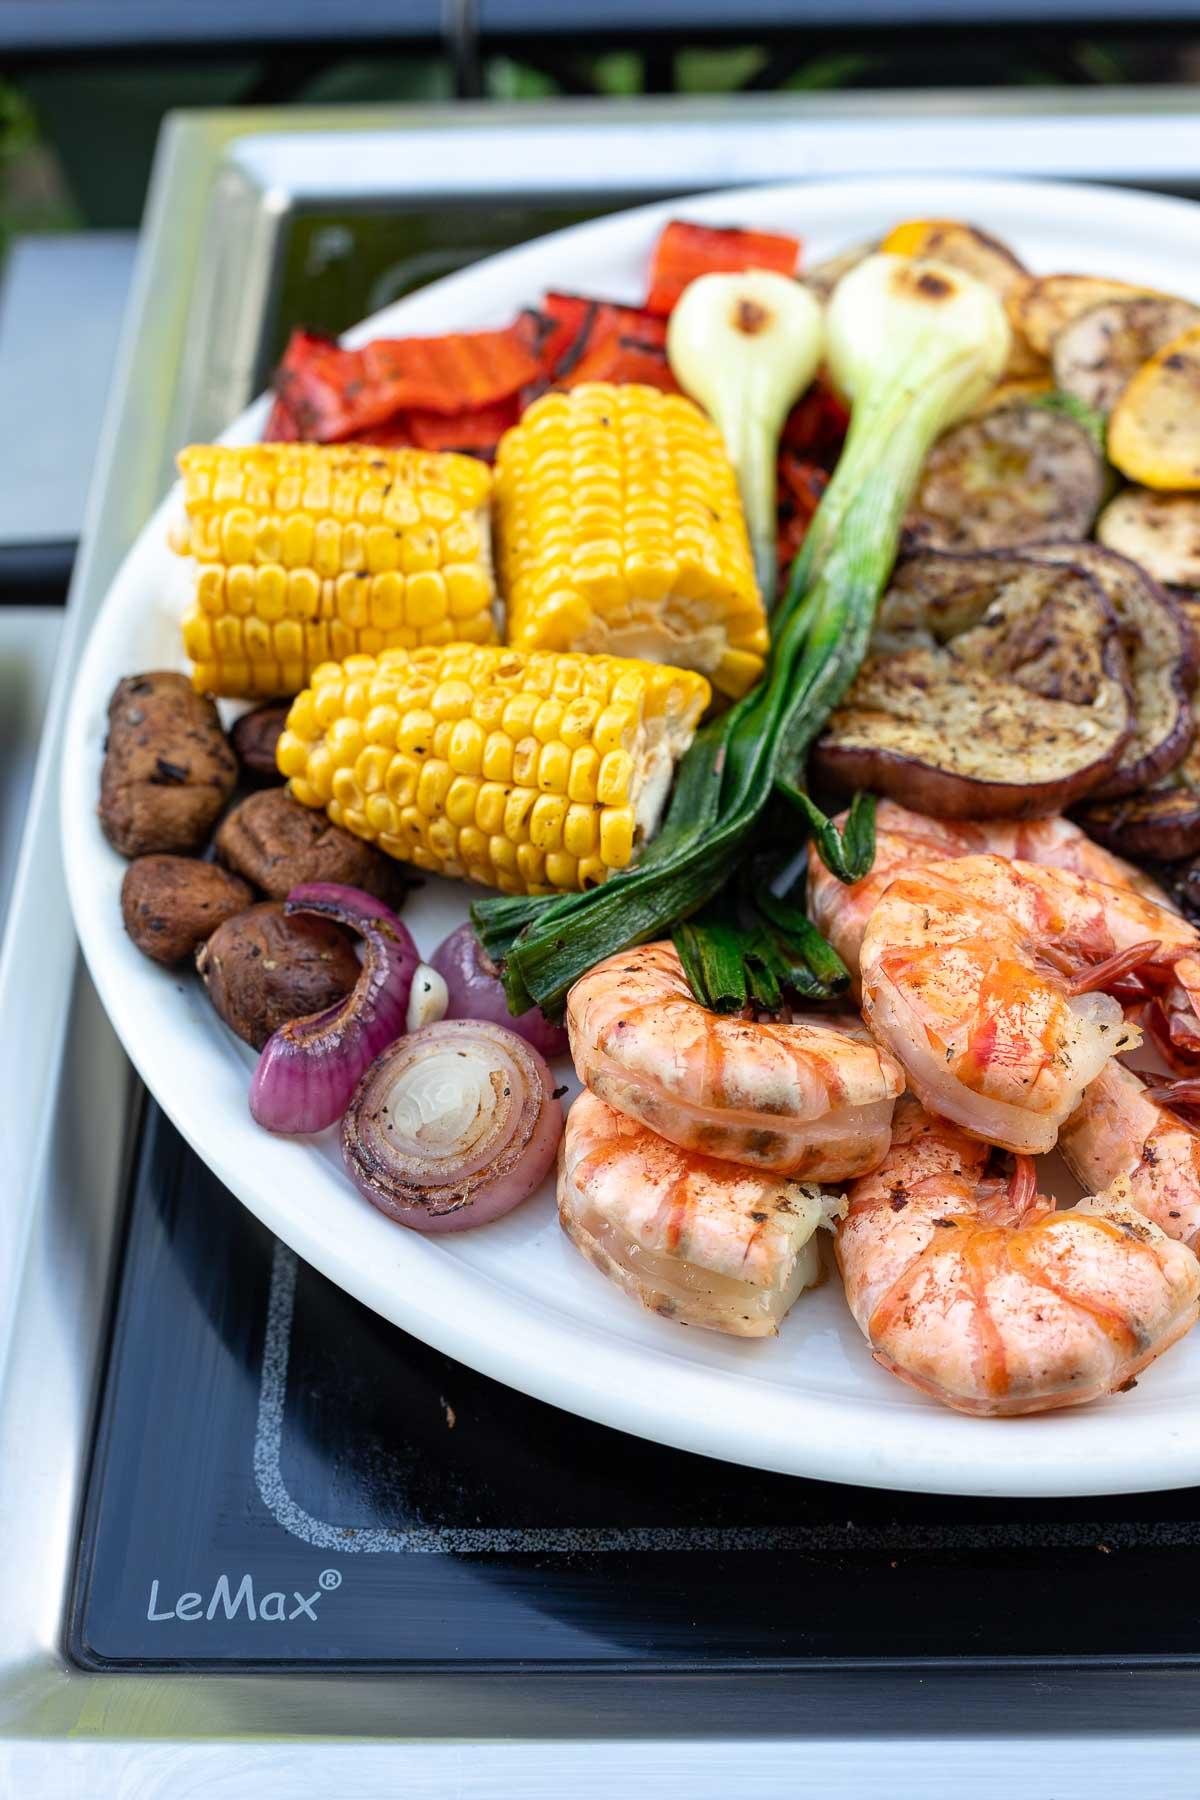 Grilled Vegetable Platter with Tiger Prawns